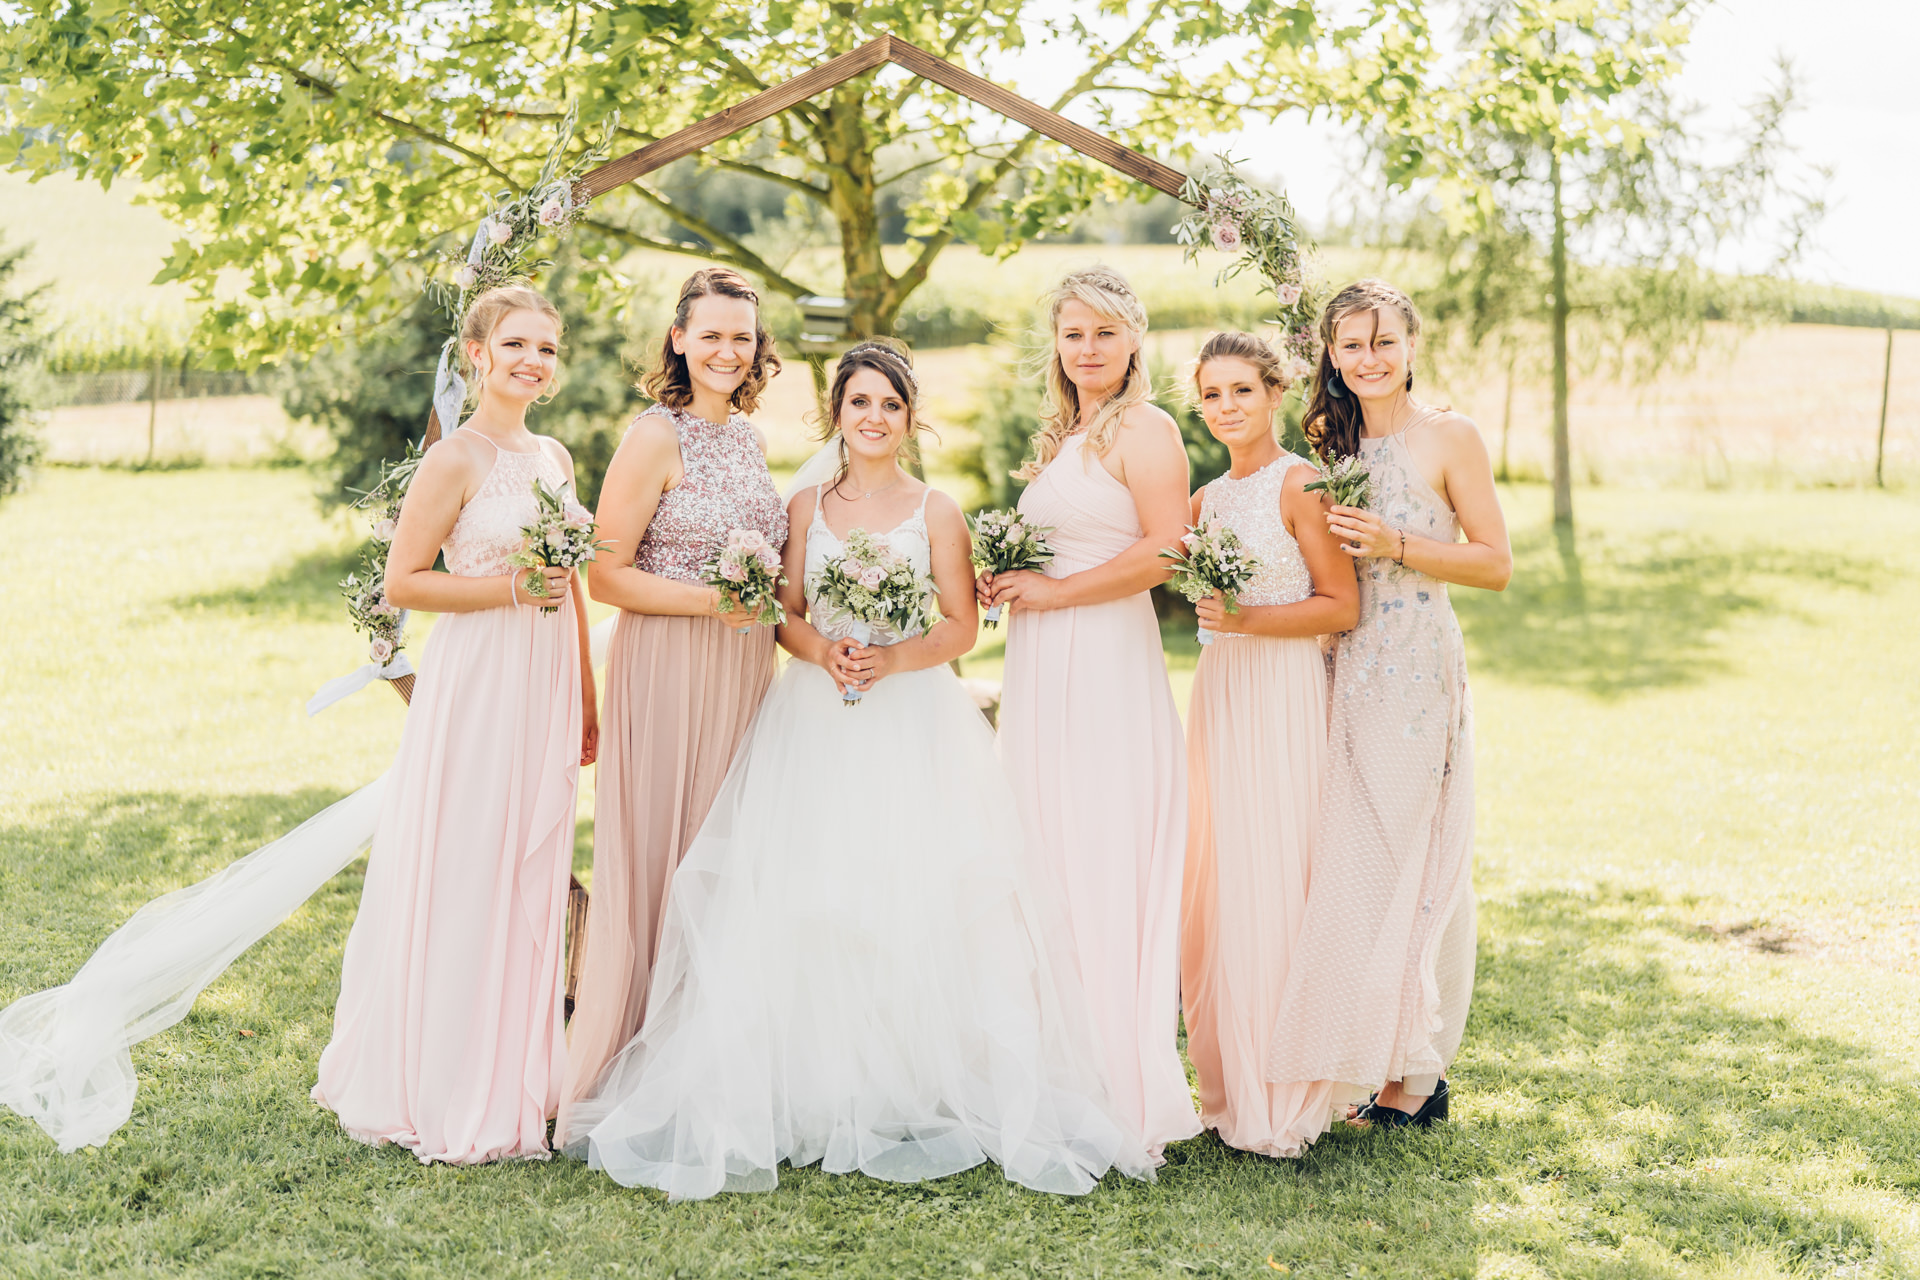 Braut mit ihren Brautjungfern in hellrosa Kleider